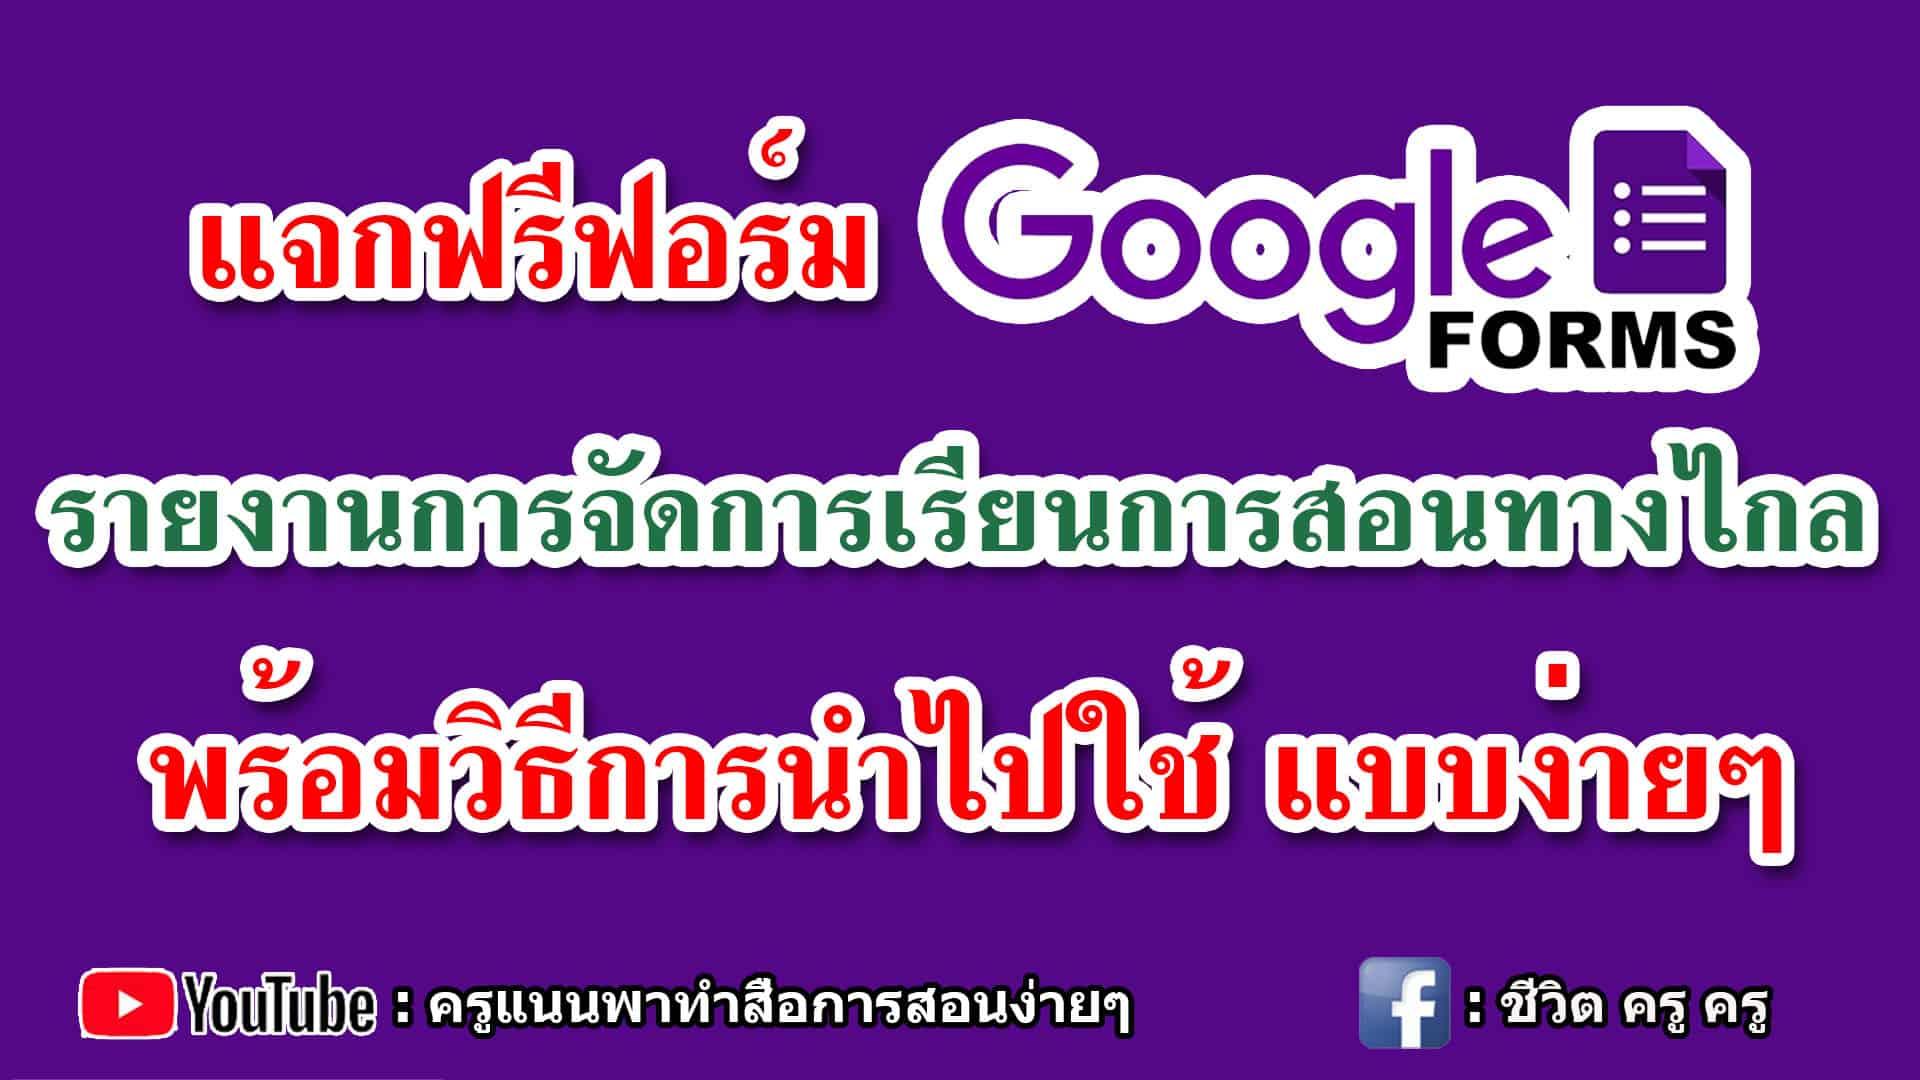 แจกฟอร์มให้ใช้ฟรีโดยไม่ต้องสร้าง รายงานการจัดการเรียนการสอนทางไกล(DLTV) ด้วย Google Form